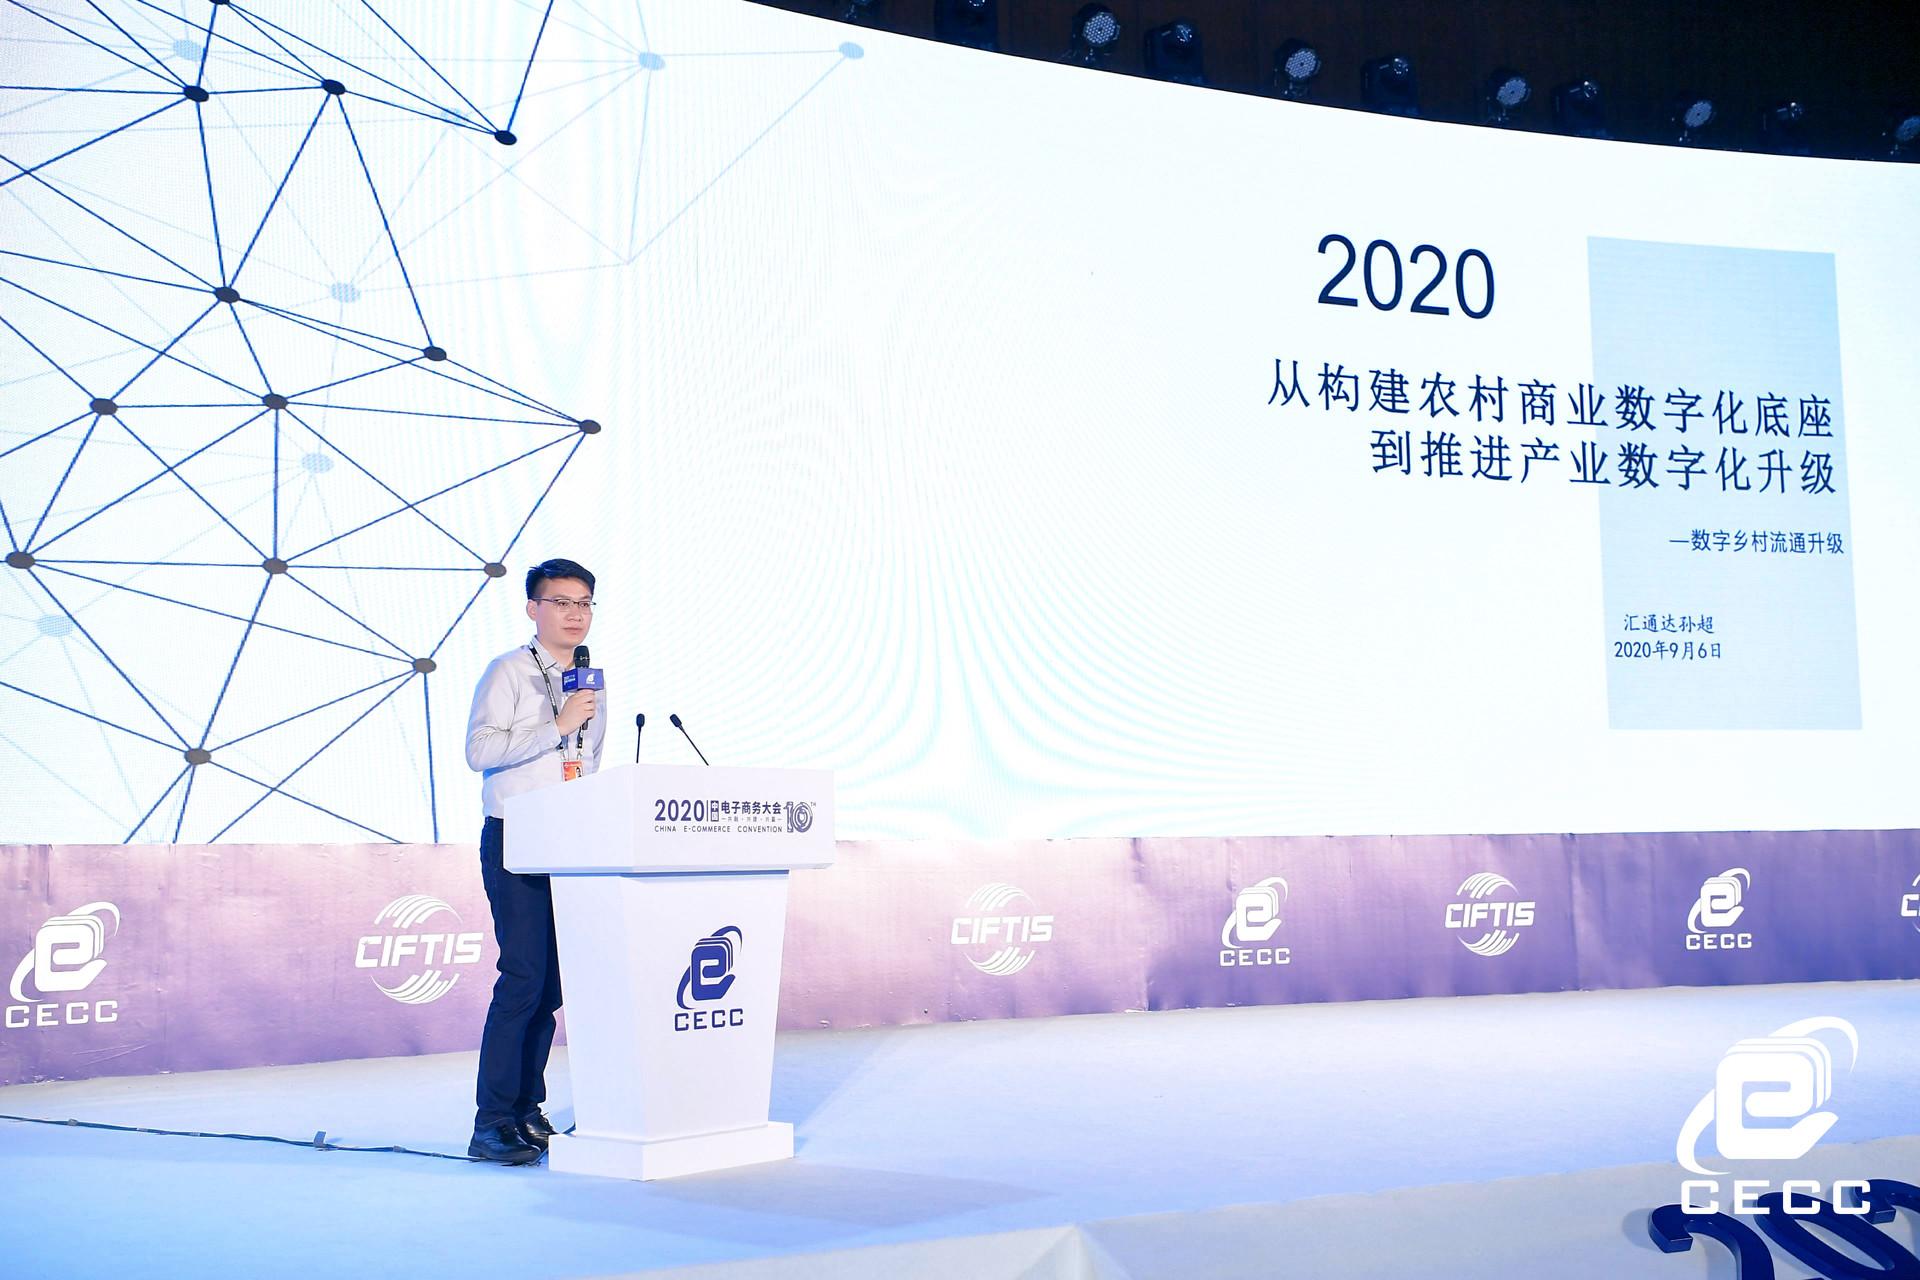 匯通達副總裁孫超:構建農村商業數字化底座